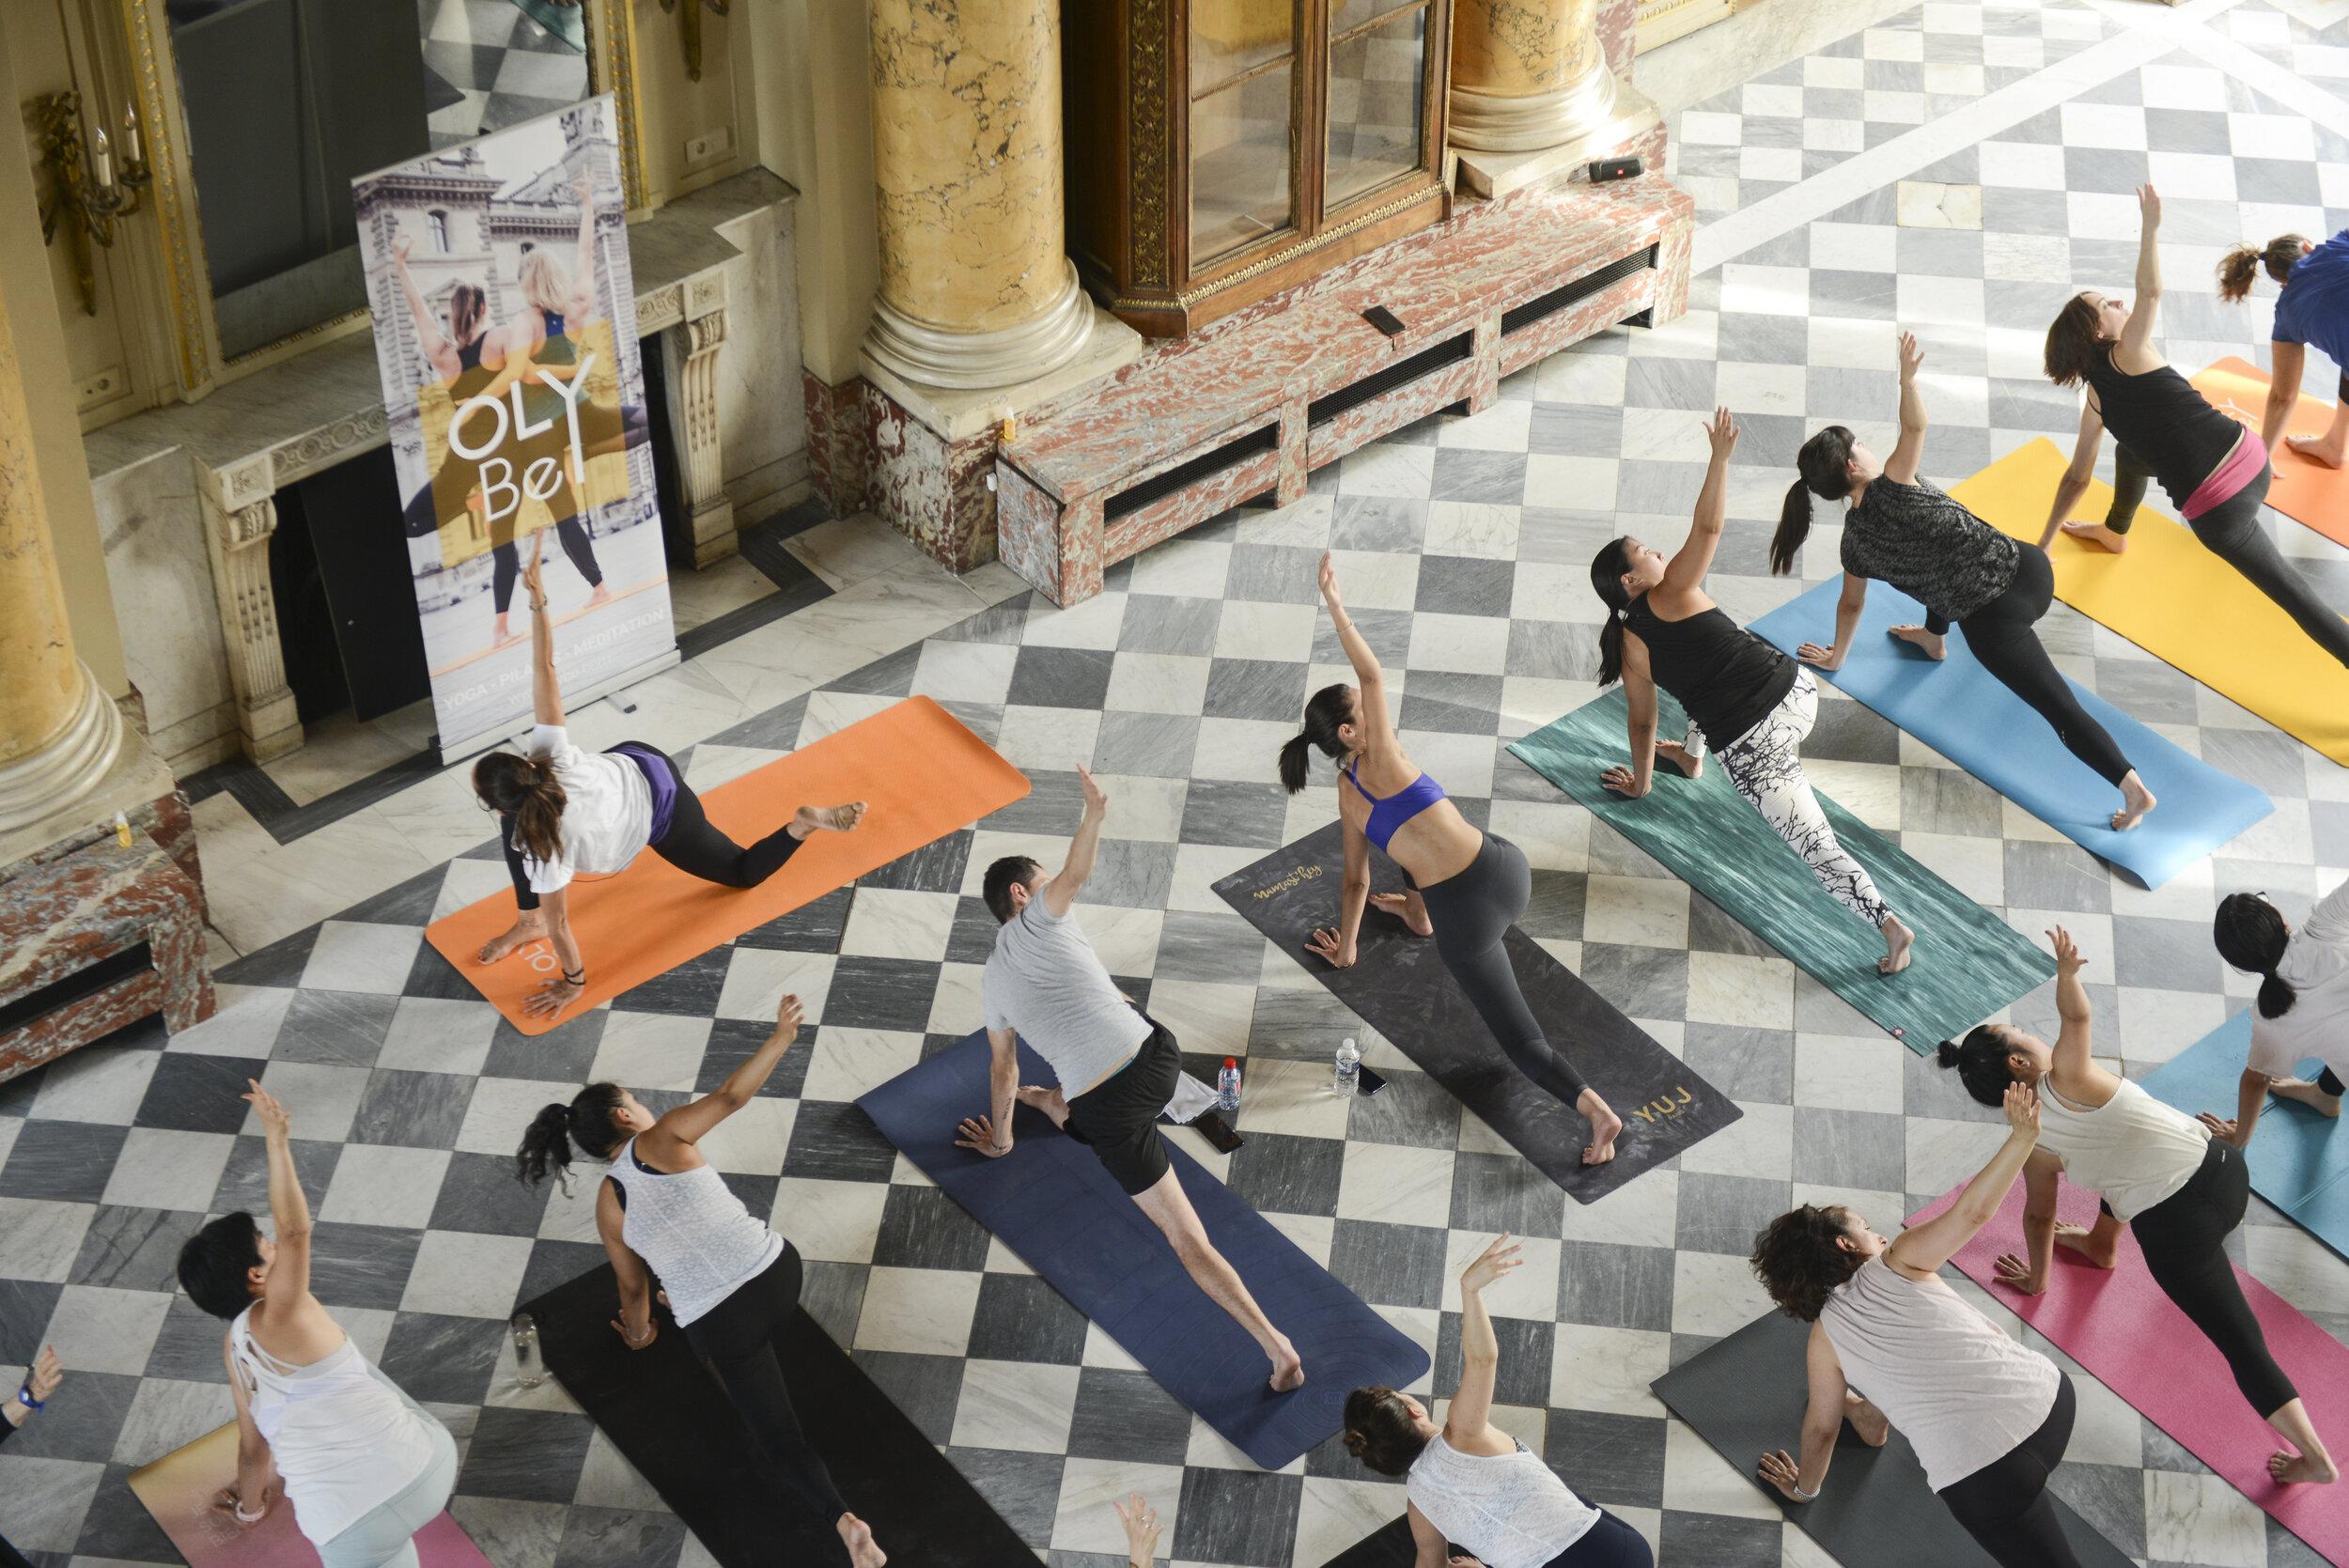 一节瑜伽课不到10欧元!法国瑜伽品牌 OLY Be 获150万欧元投资